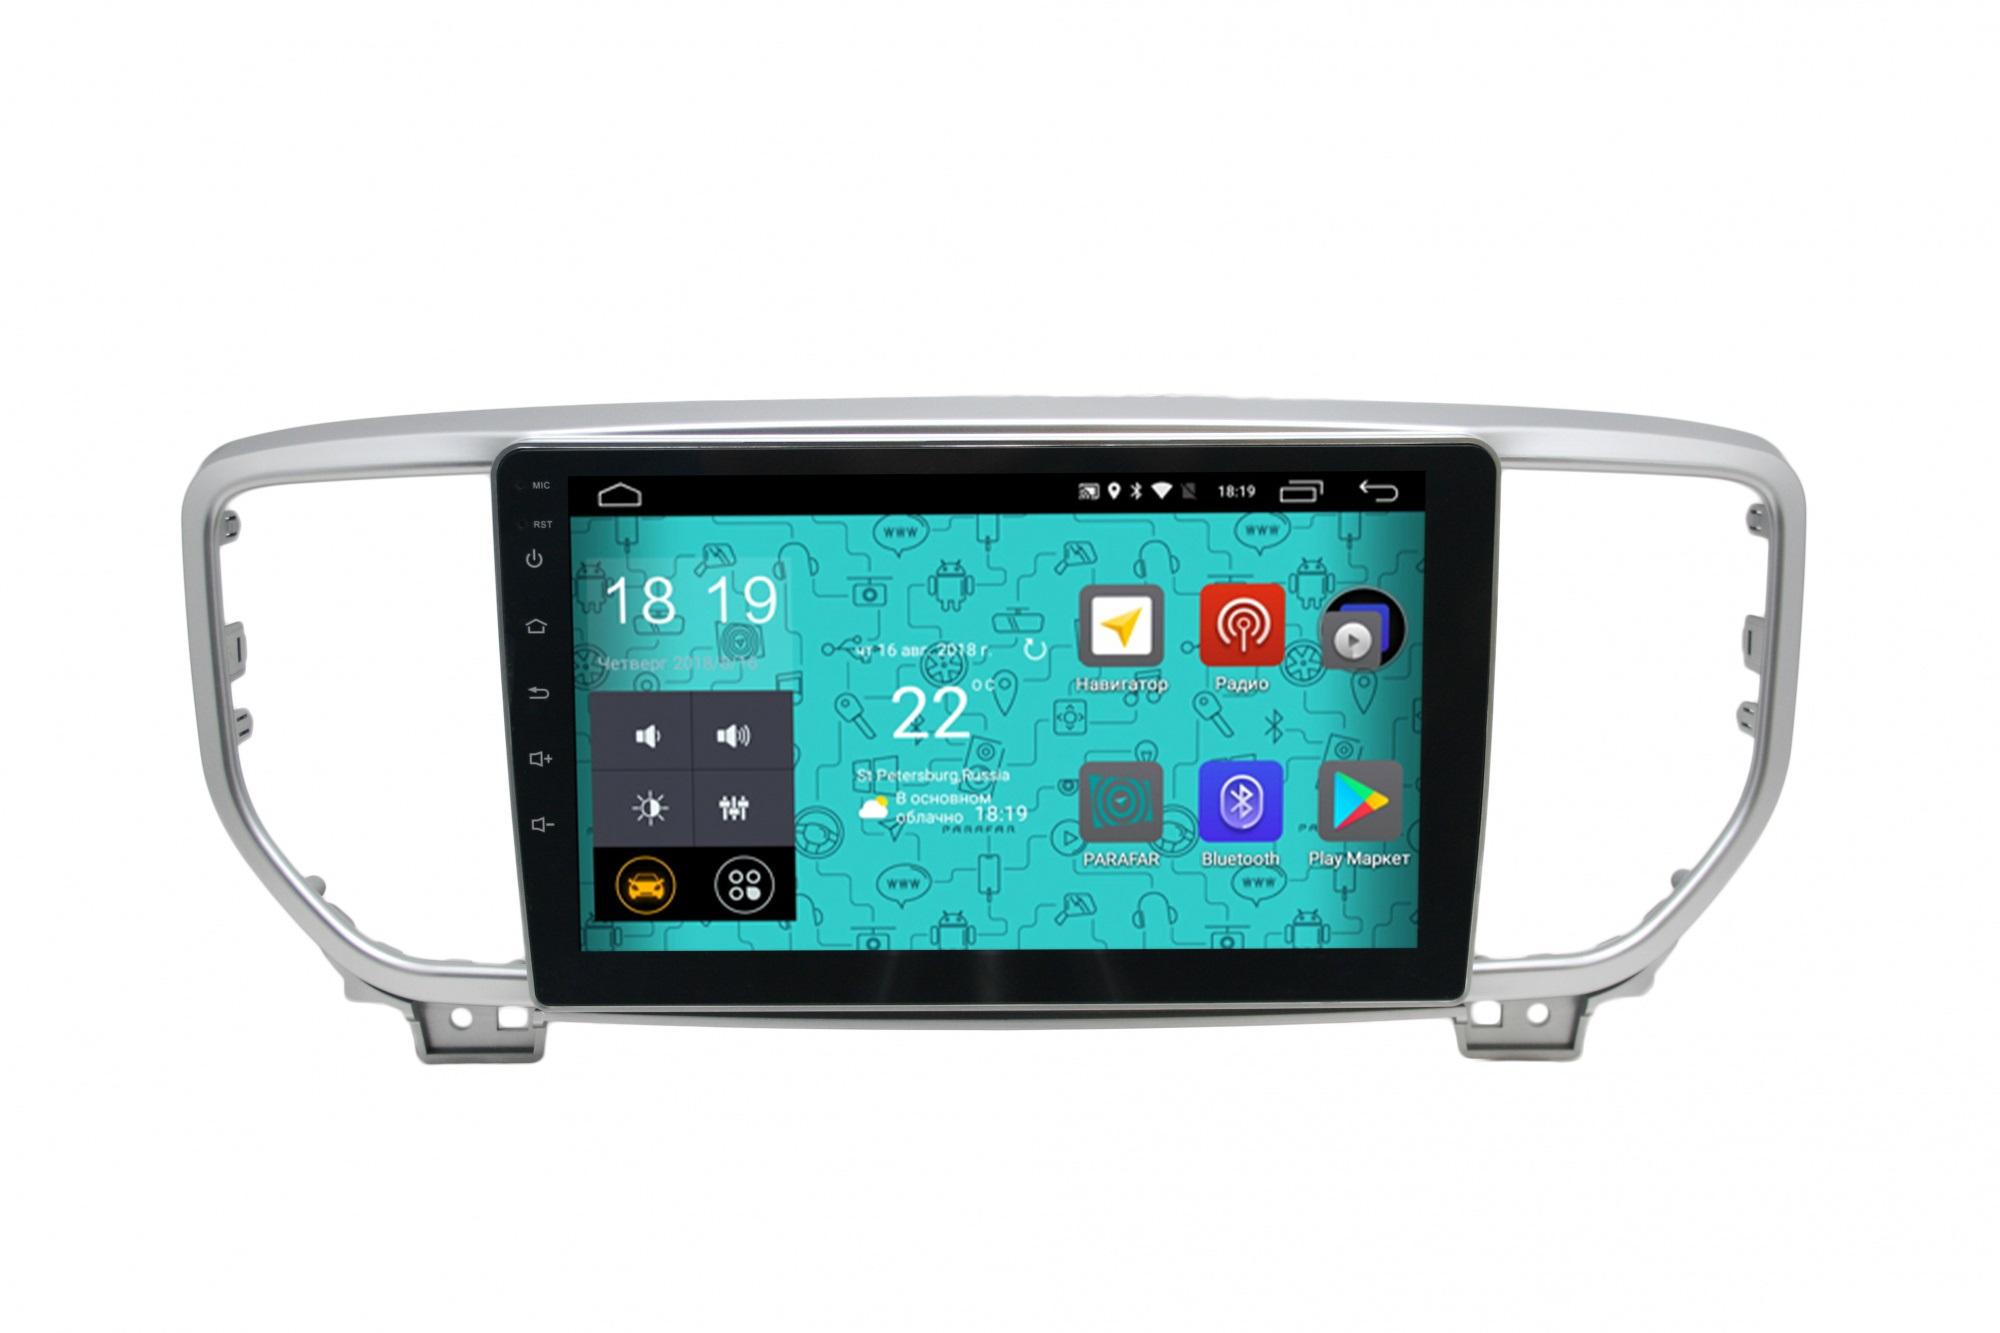 Штатная магнитола Parafar 4G/LTE с IPS матрицей для Kia Sportage 2018+ на Android 7.1.1 (PF577) (+ Камера заднего вида в подарок!) александр генис довлатов и окрестности передача первая последнее советское поколение